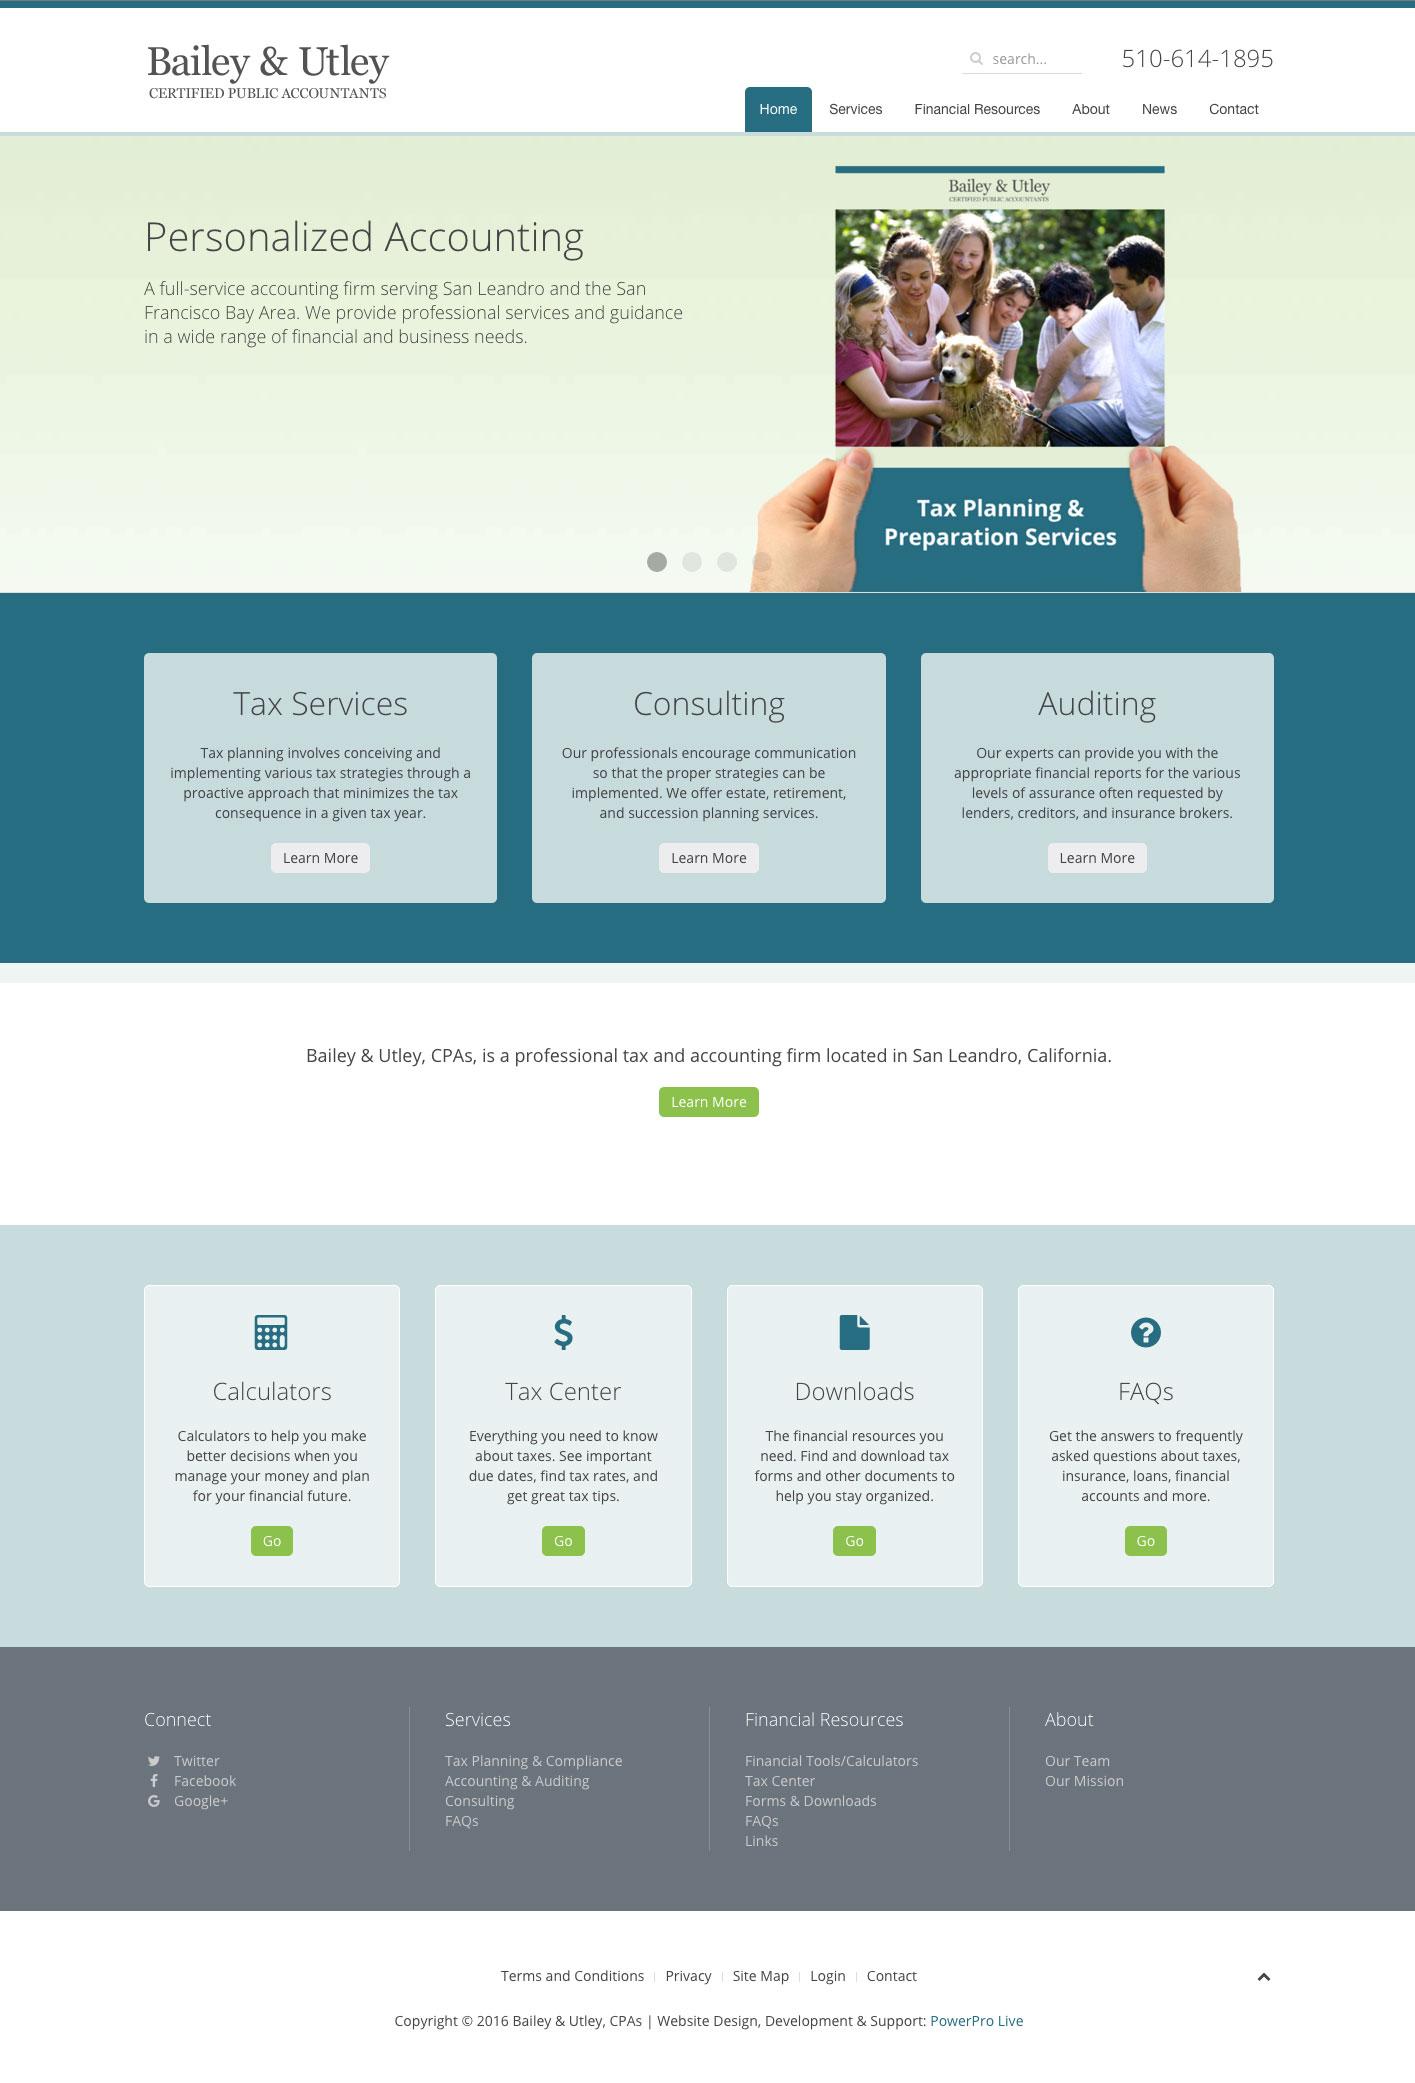 bailey-utley-website